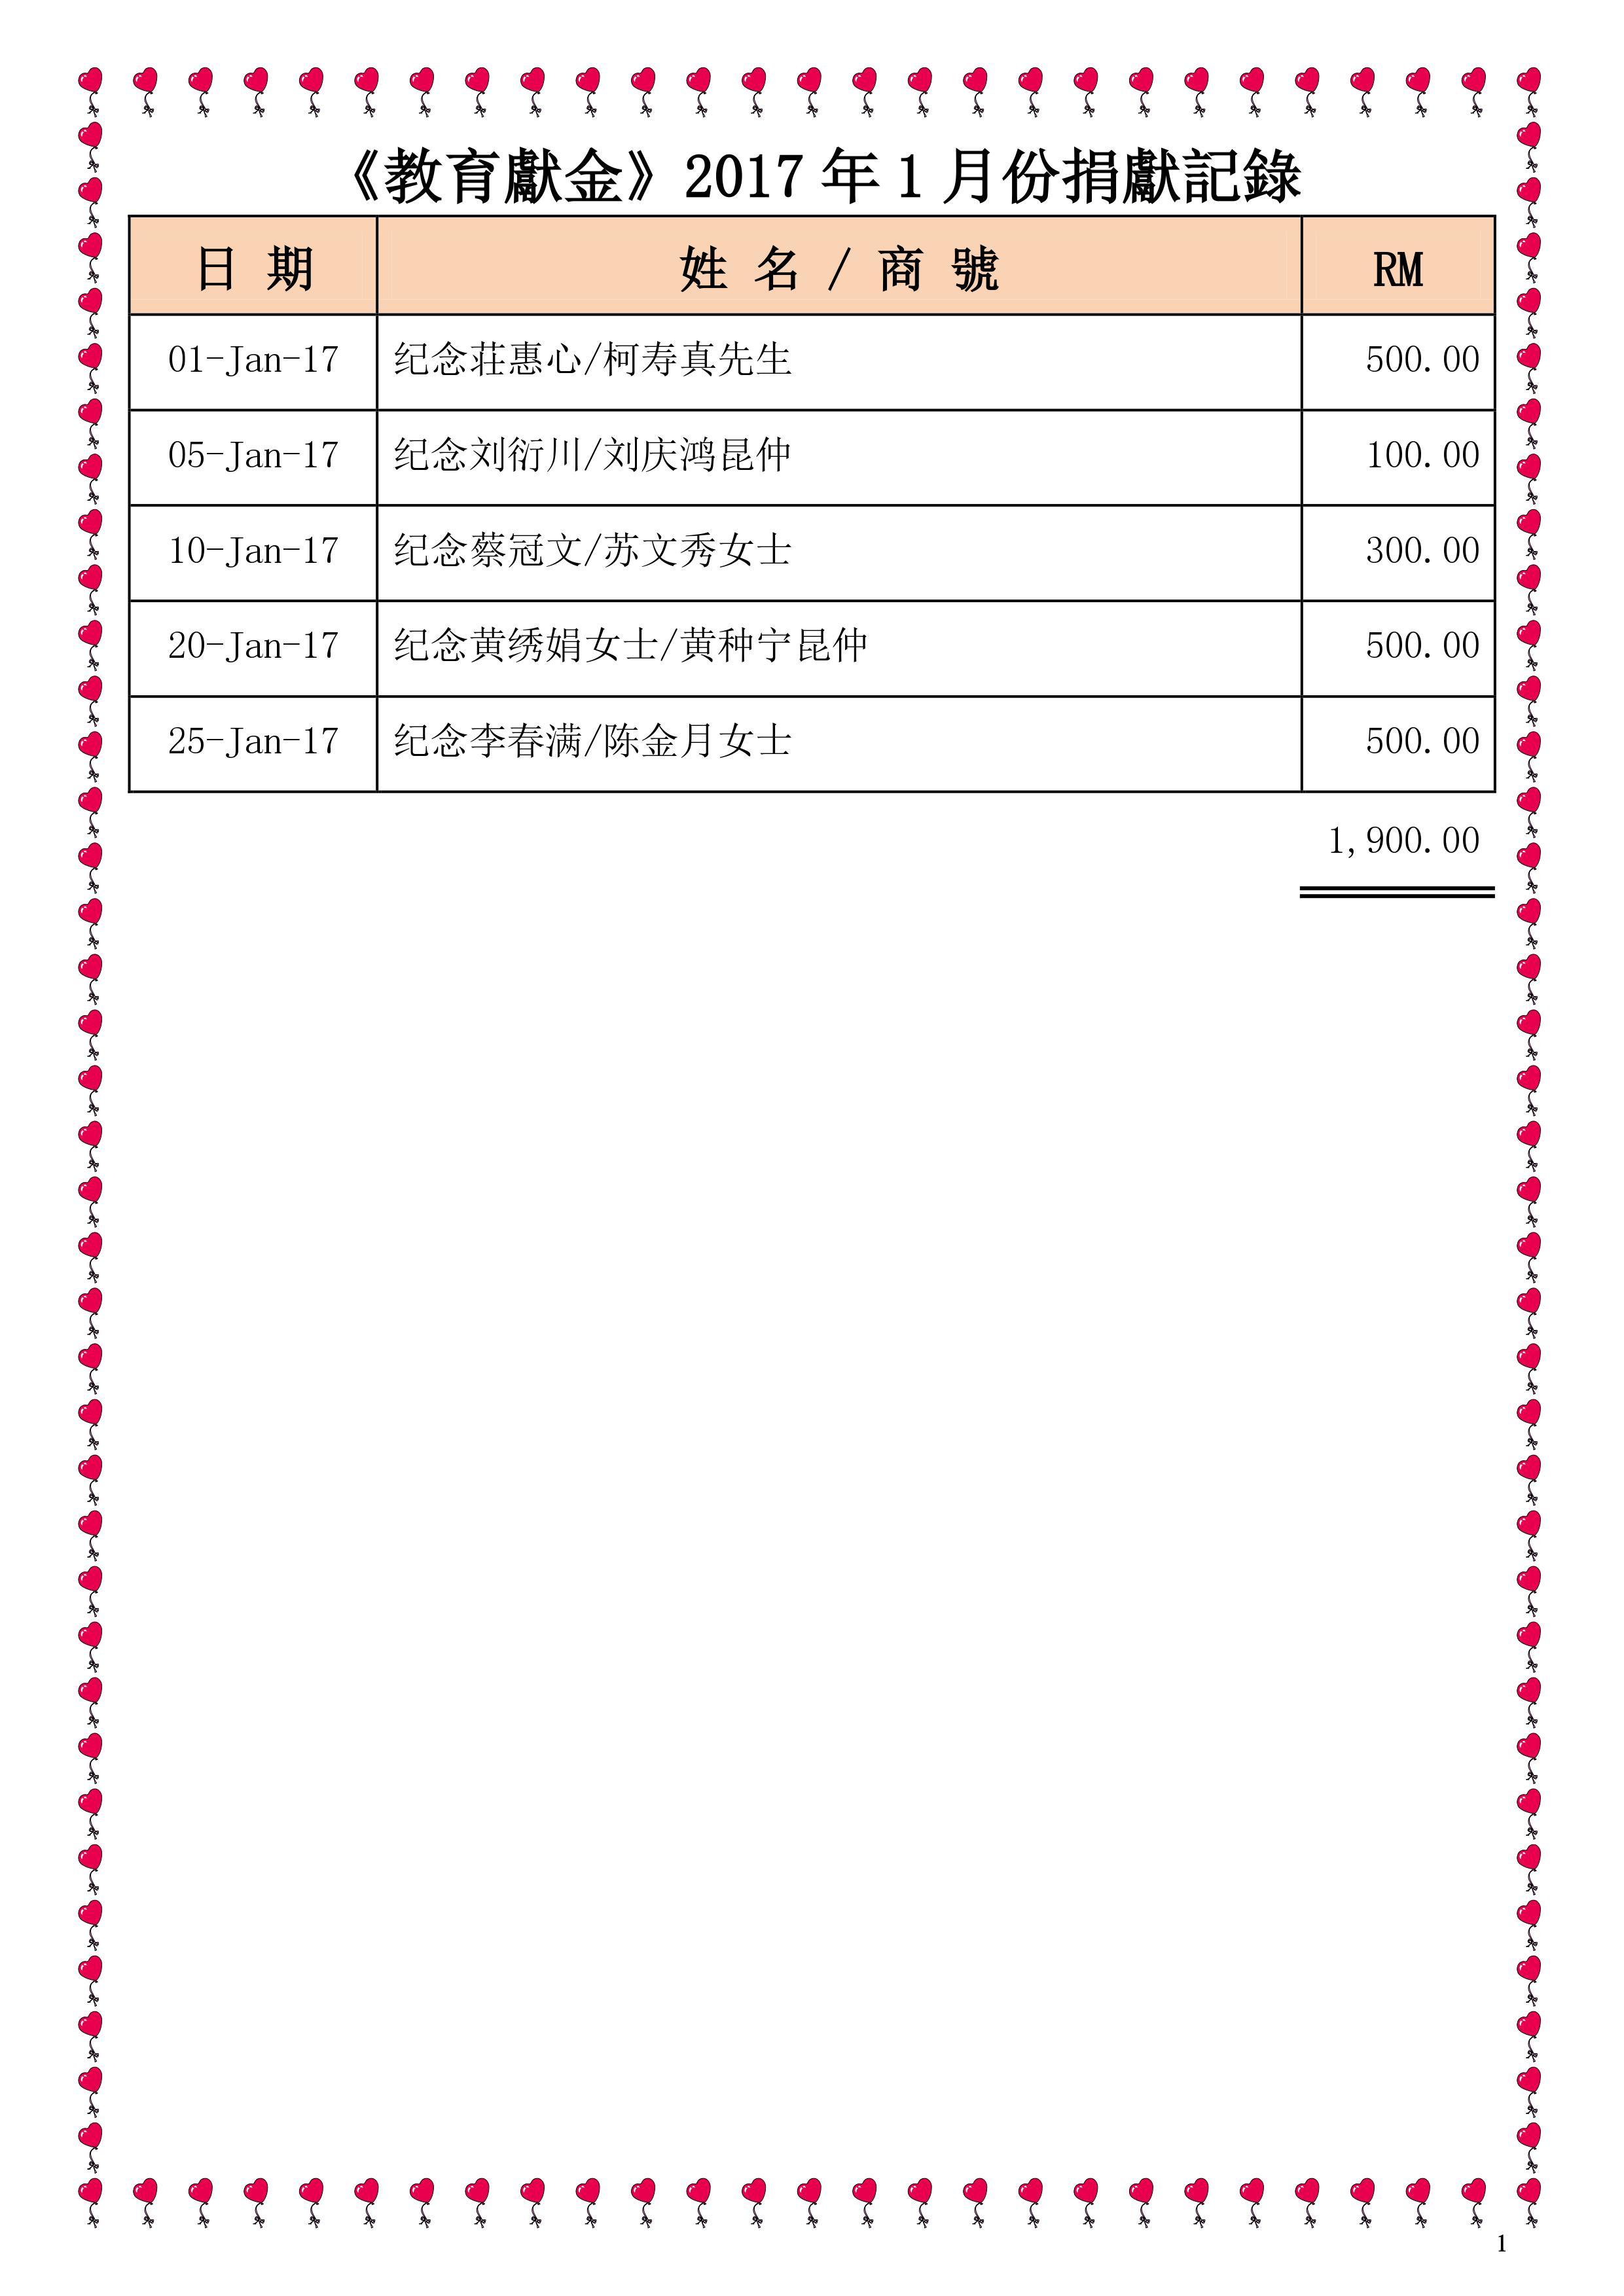 2017年1月份捐献名单